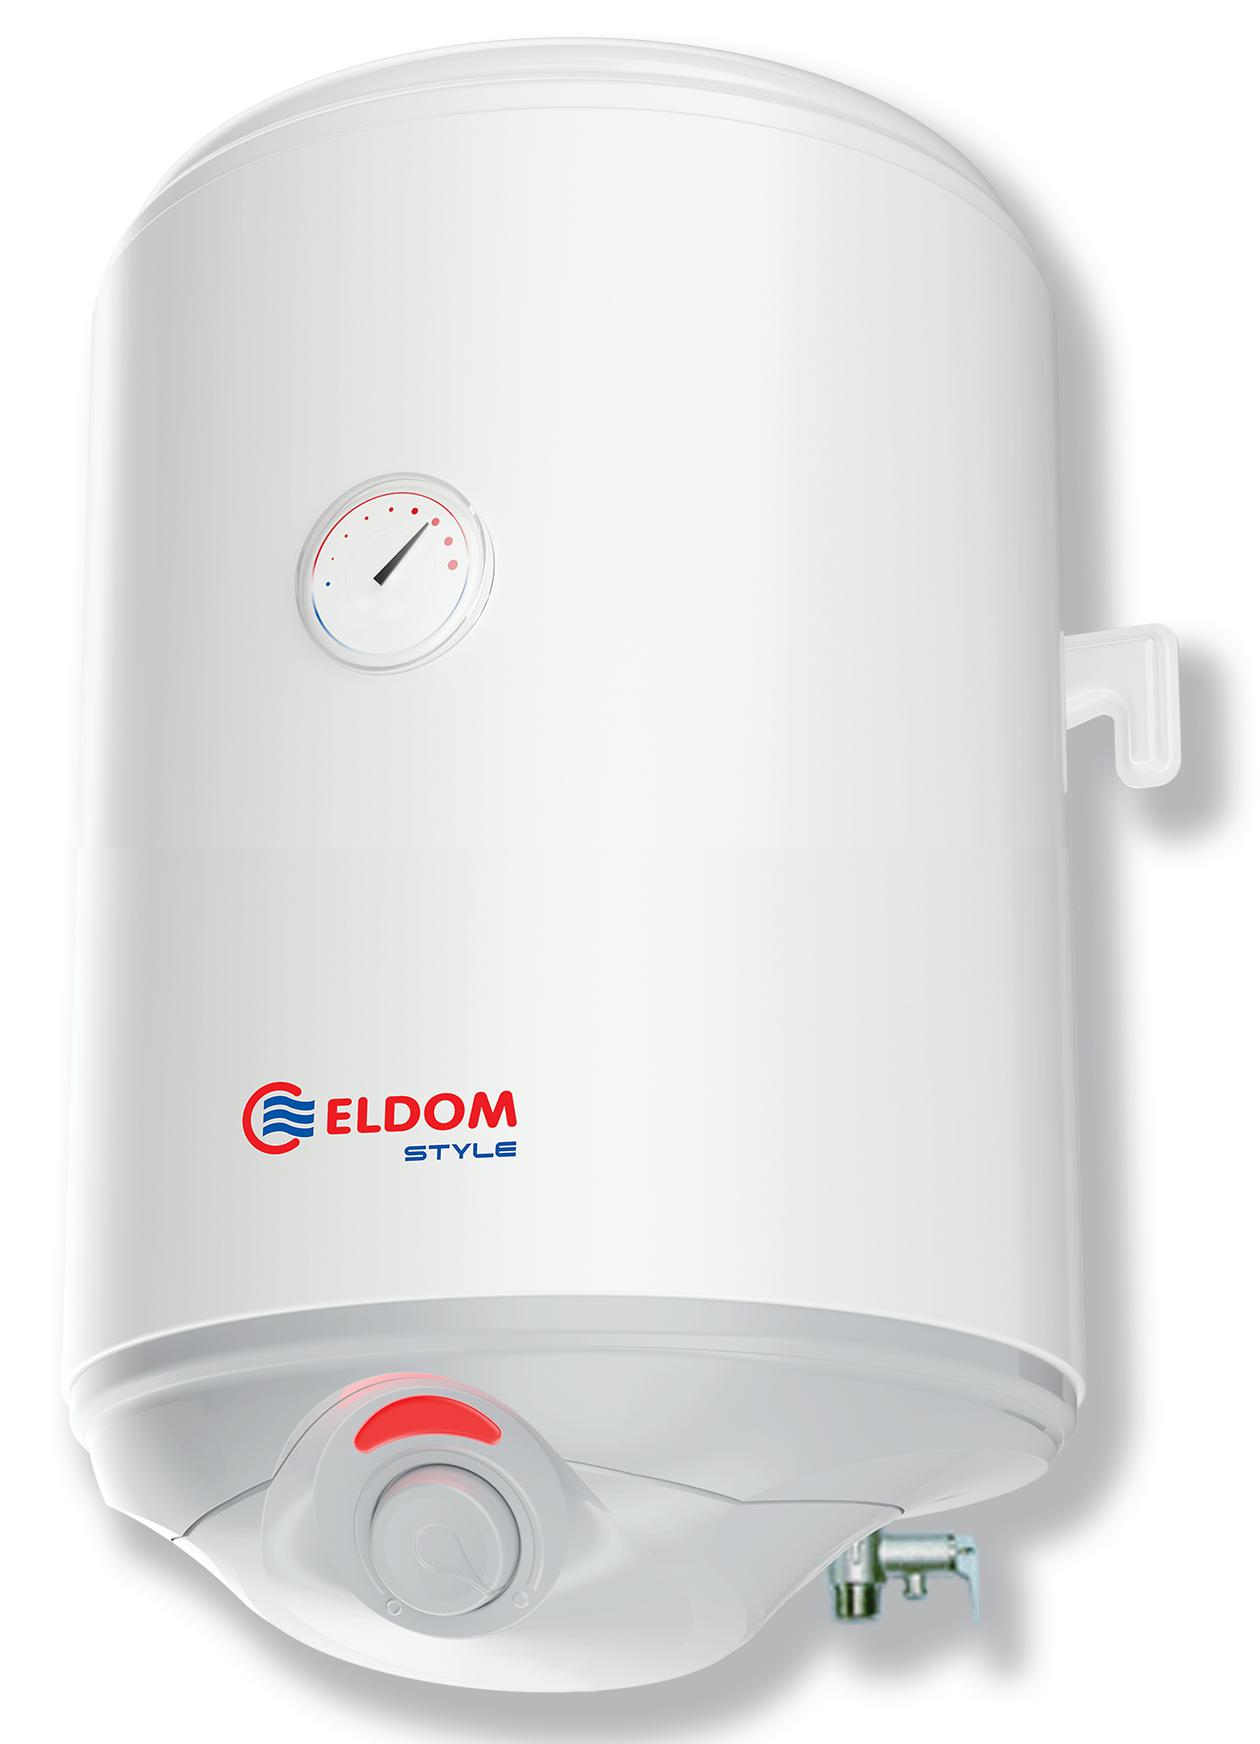 Warmwasserspeicher Eldom Style 30 Liter druckfest